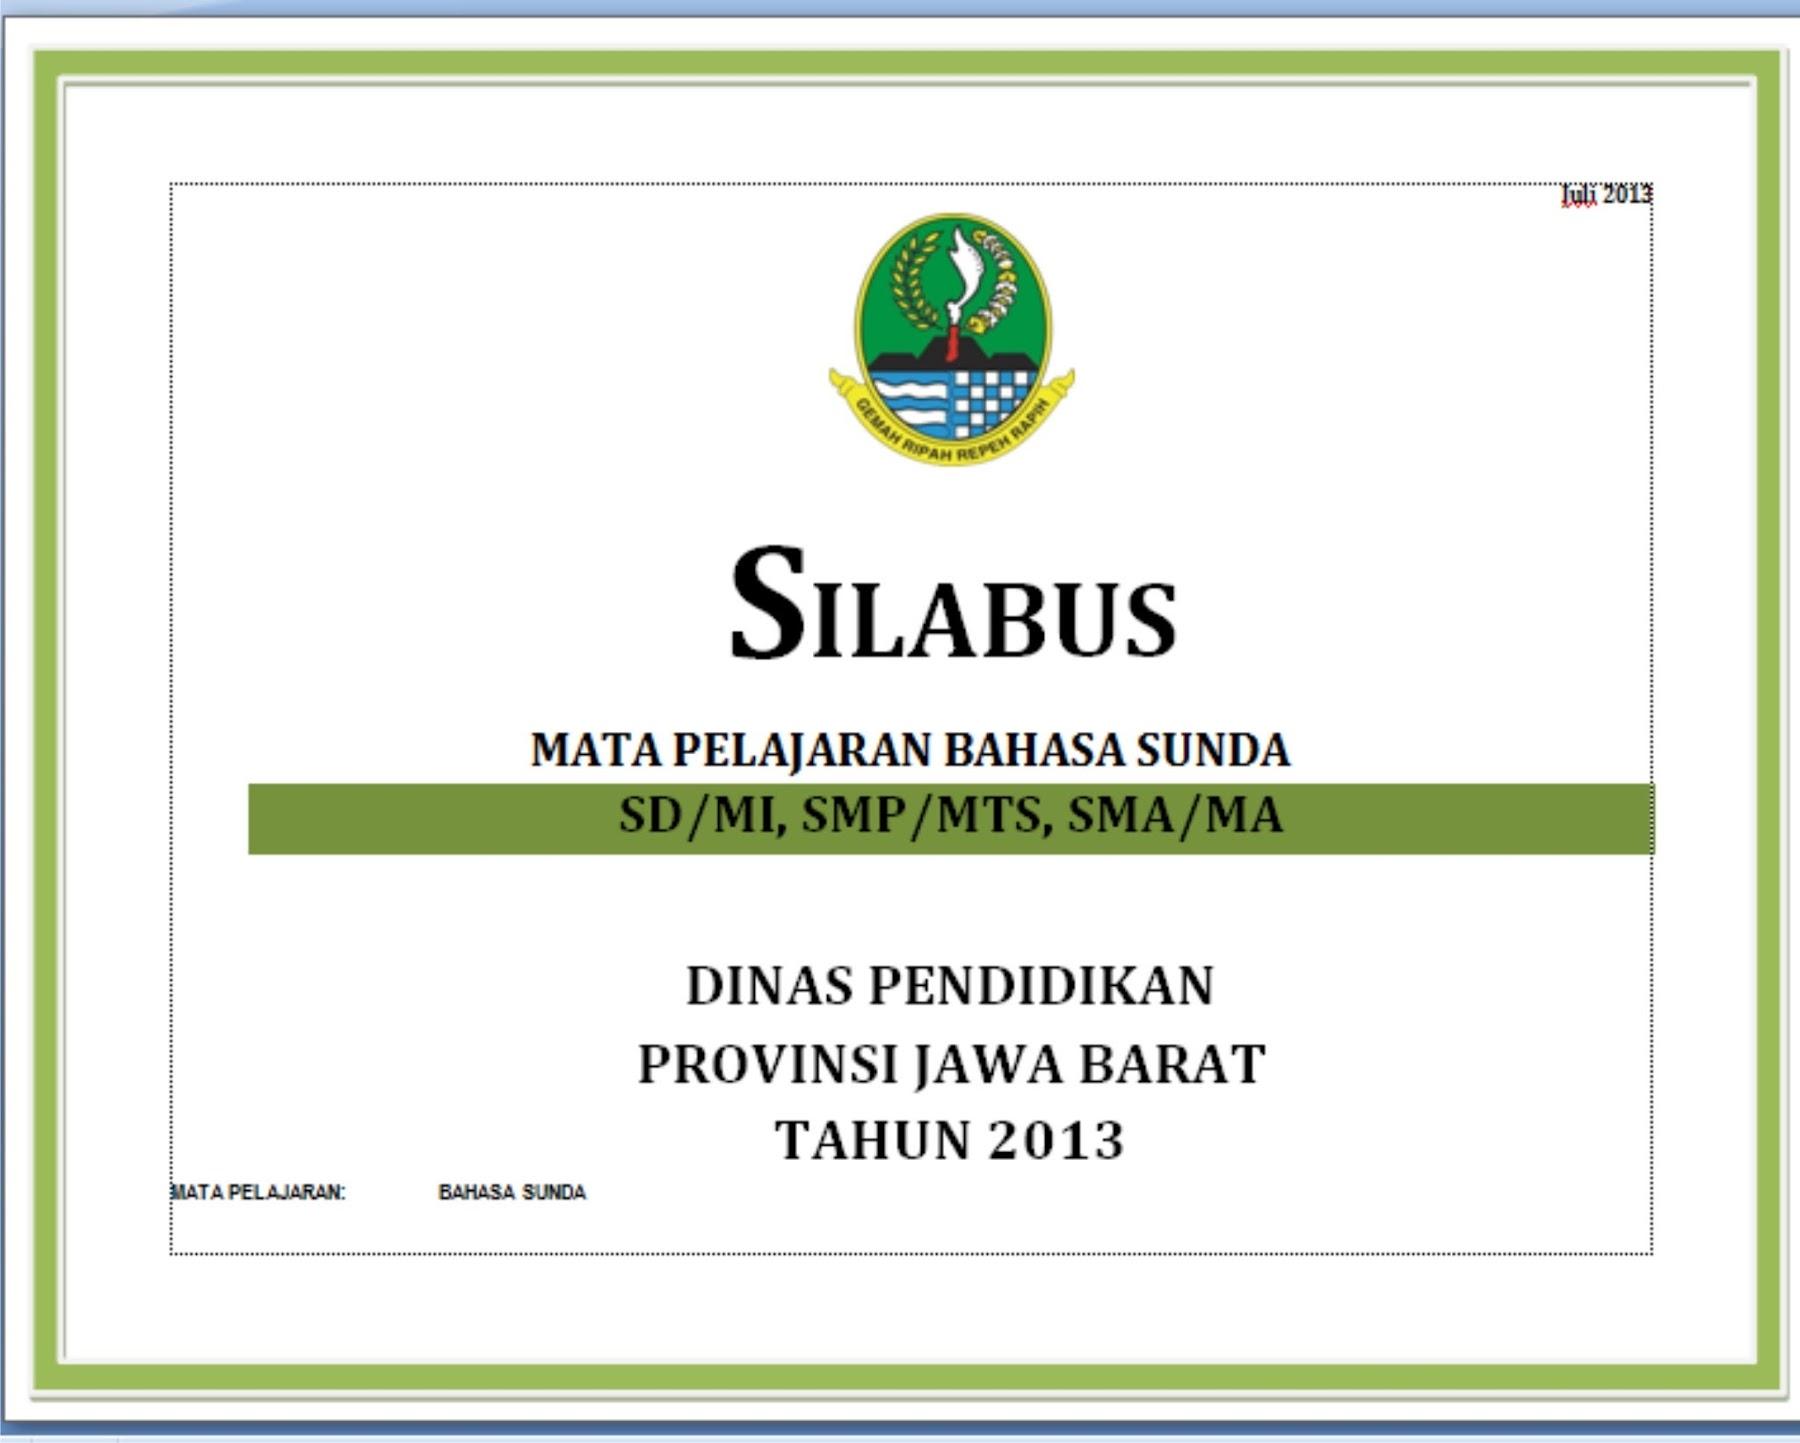 Rpp Sd Kelas 1 6 Terbaru Rpp Pai Berkarakter Sd Download Gratis Dan Silabus Terbaru Inggris Untukkelas Vi Sd Bahasa Indonesia Sd Kelas 1 6 Silabus Bahasa